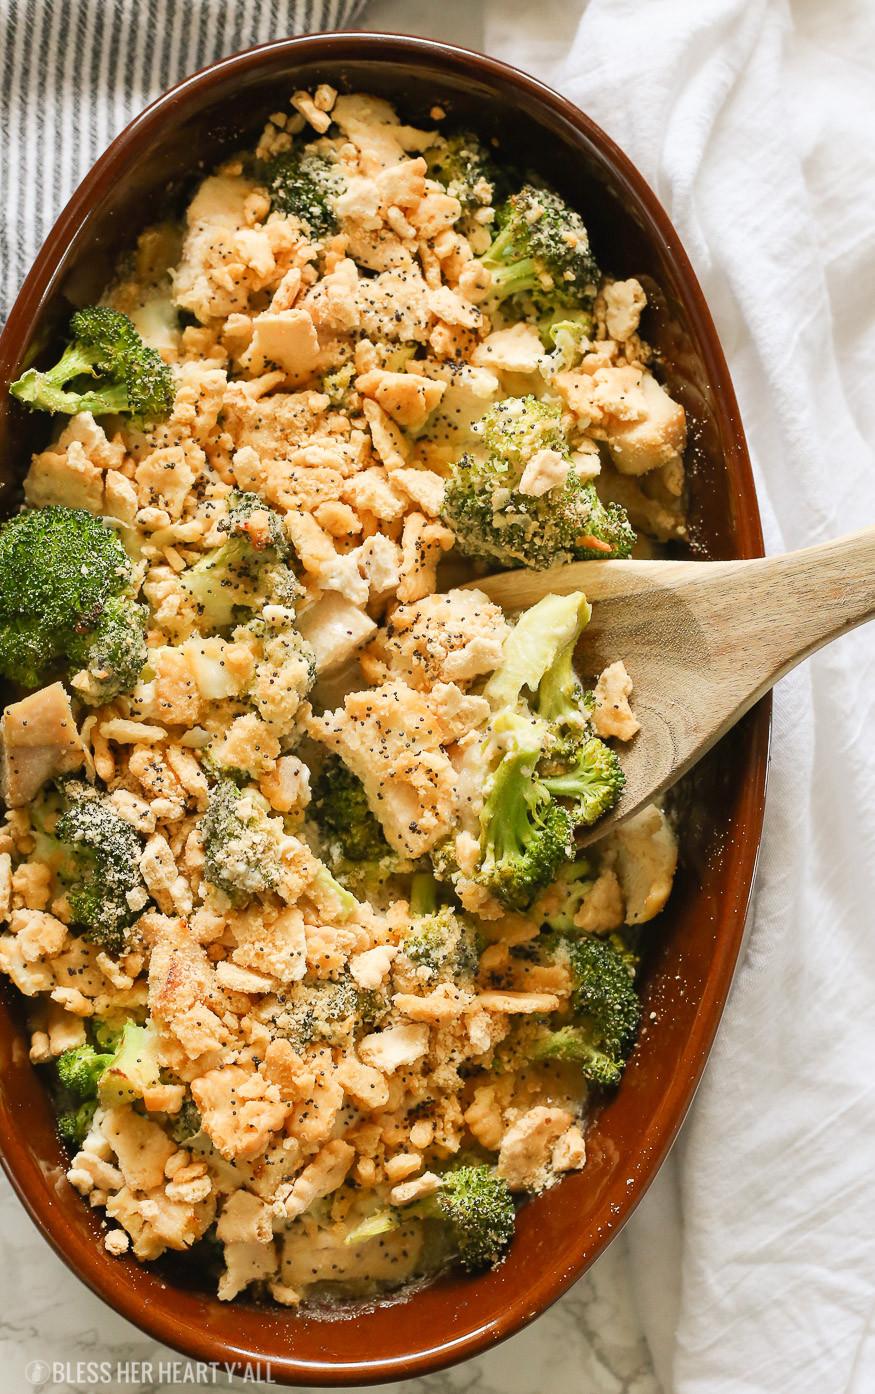 Heart Healthy Chicken Casserole  Skinny Gluten Free Chicken Poppy Seed Casserole Bless